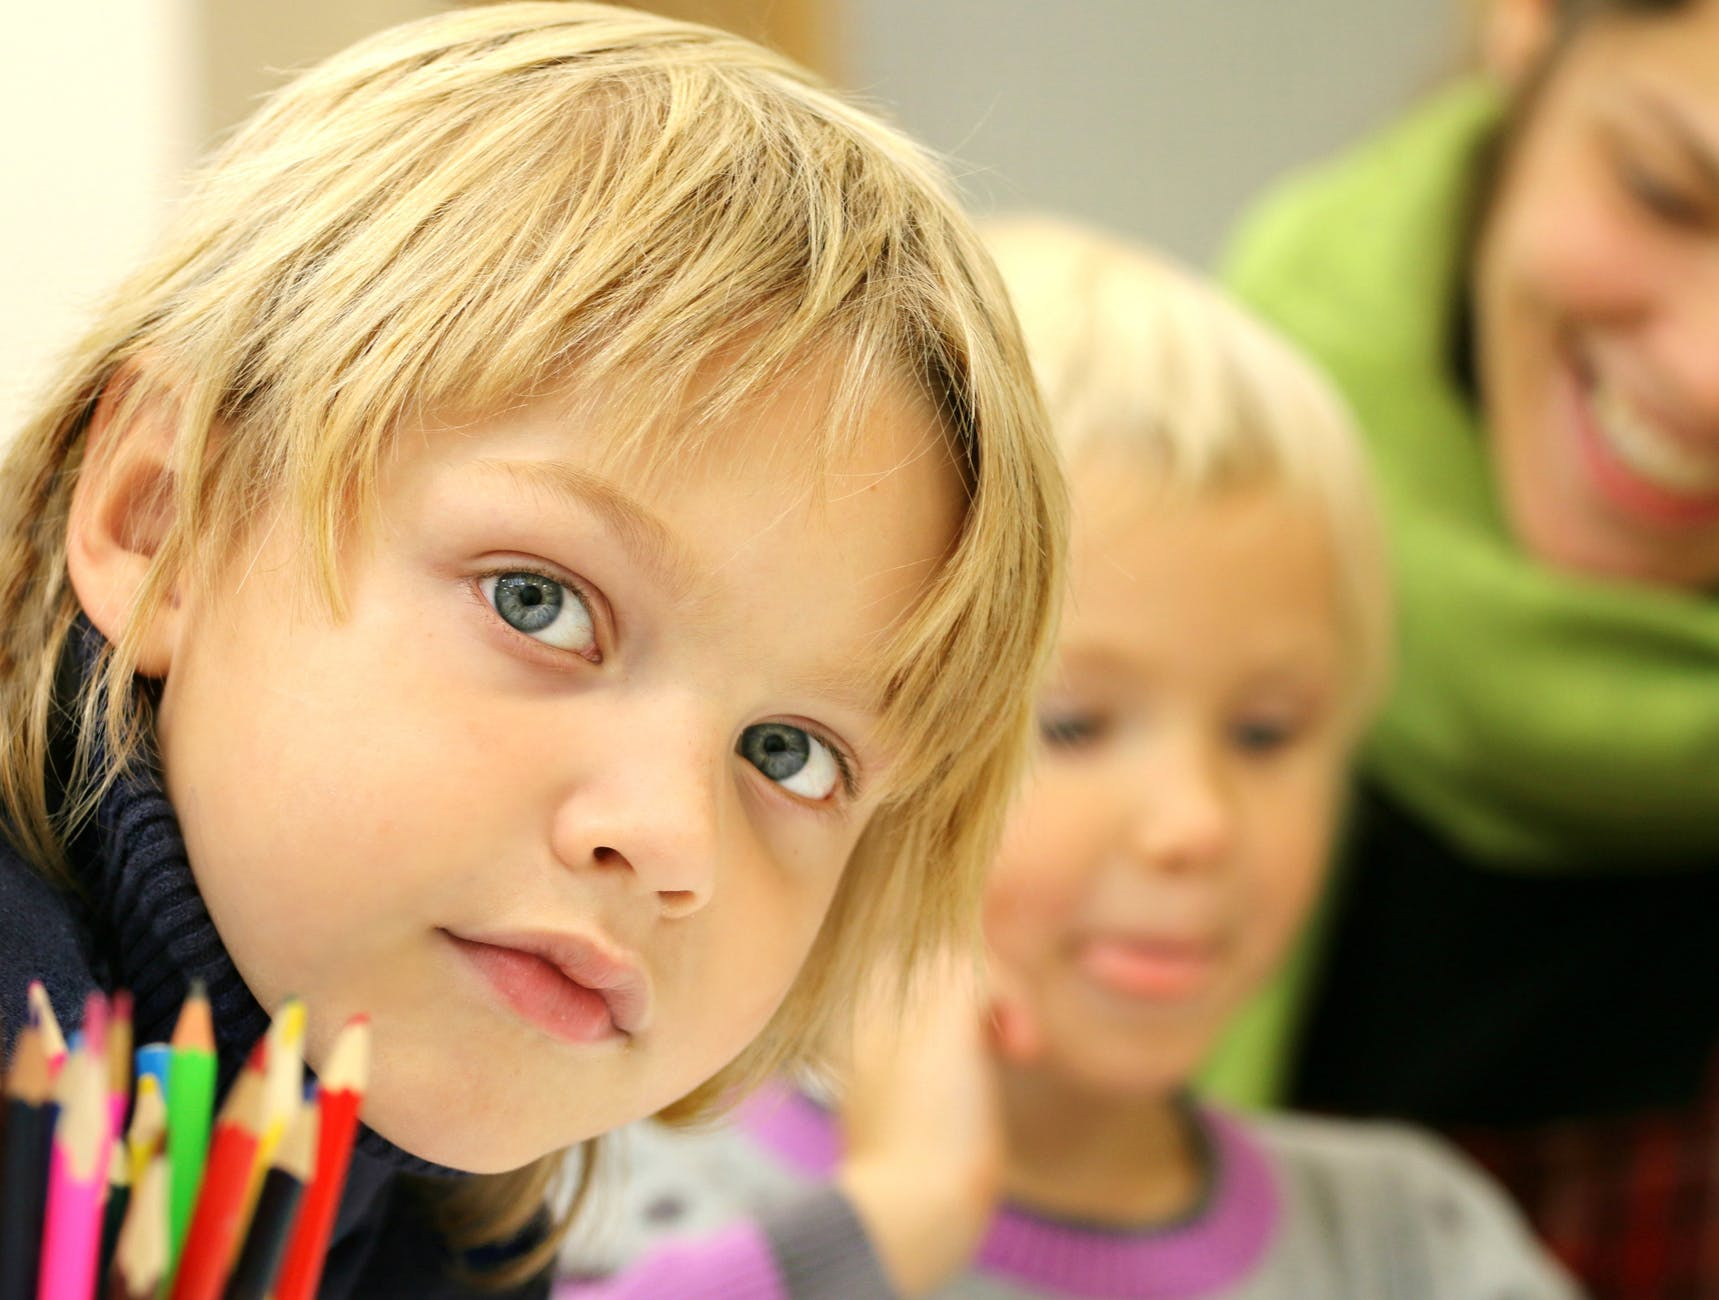 childcare, preschool